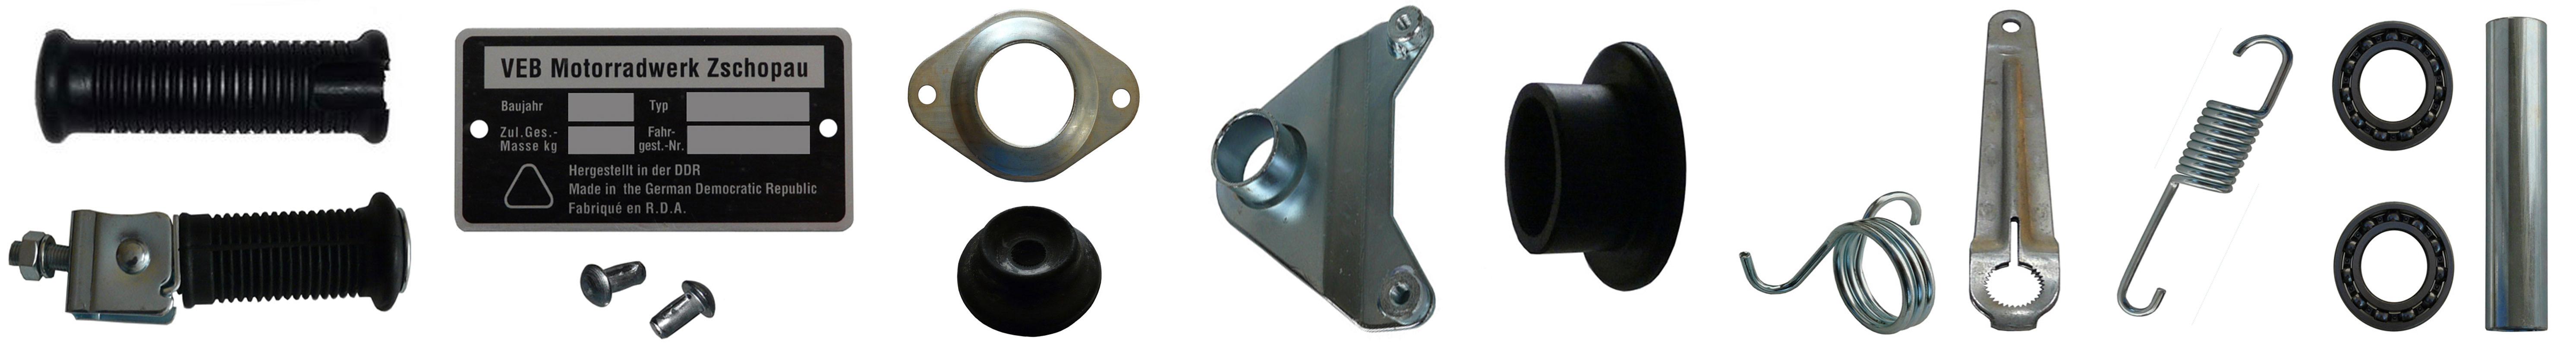 MZ ETZ 251 Ersatzteile Rahmen Fahrgestell